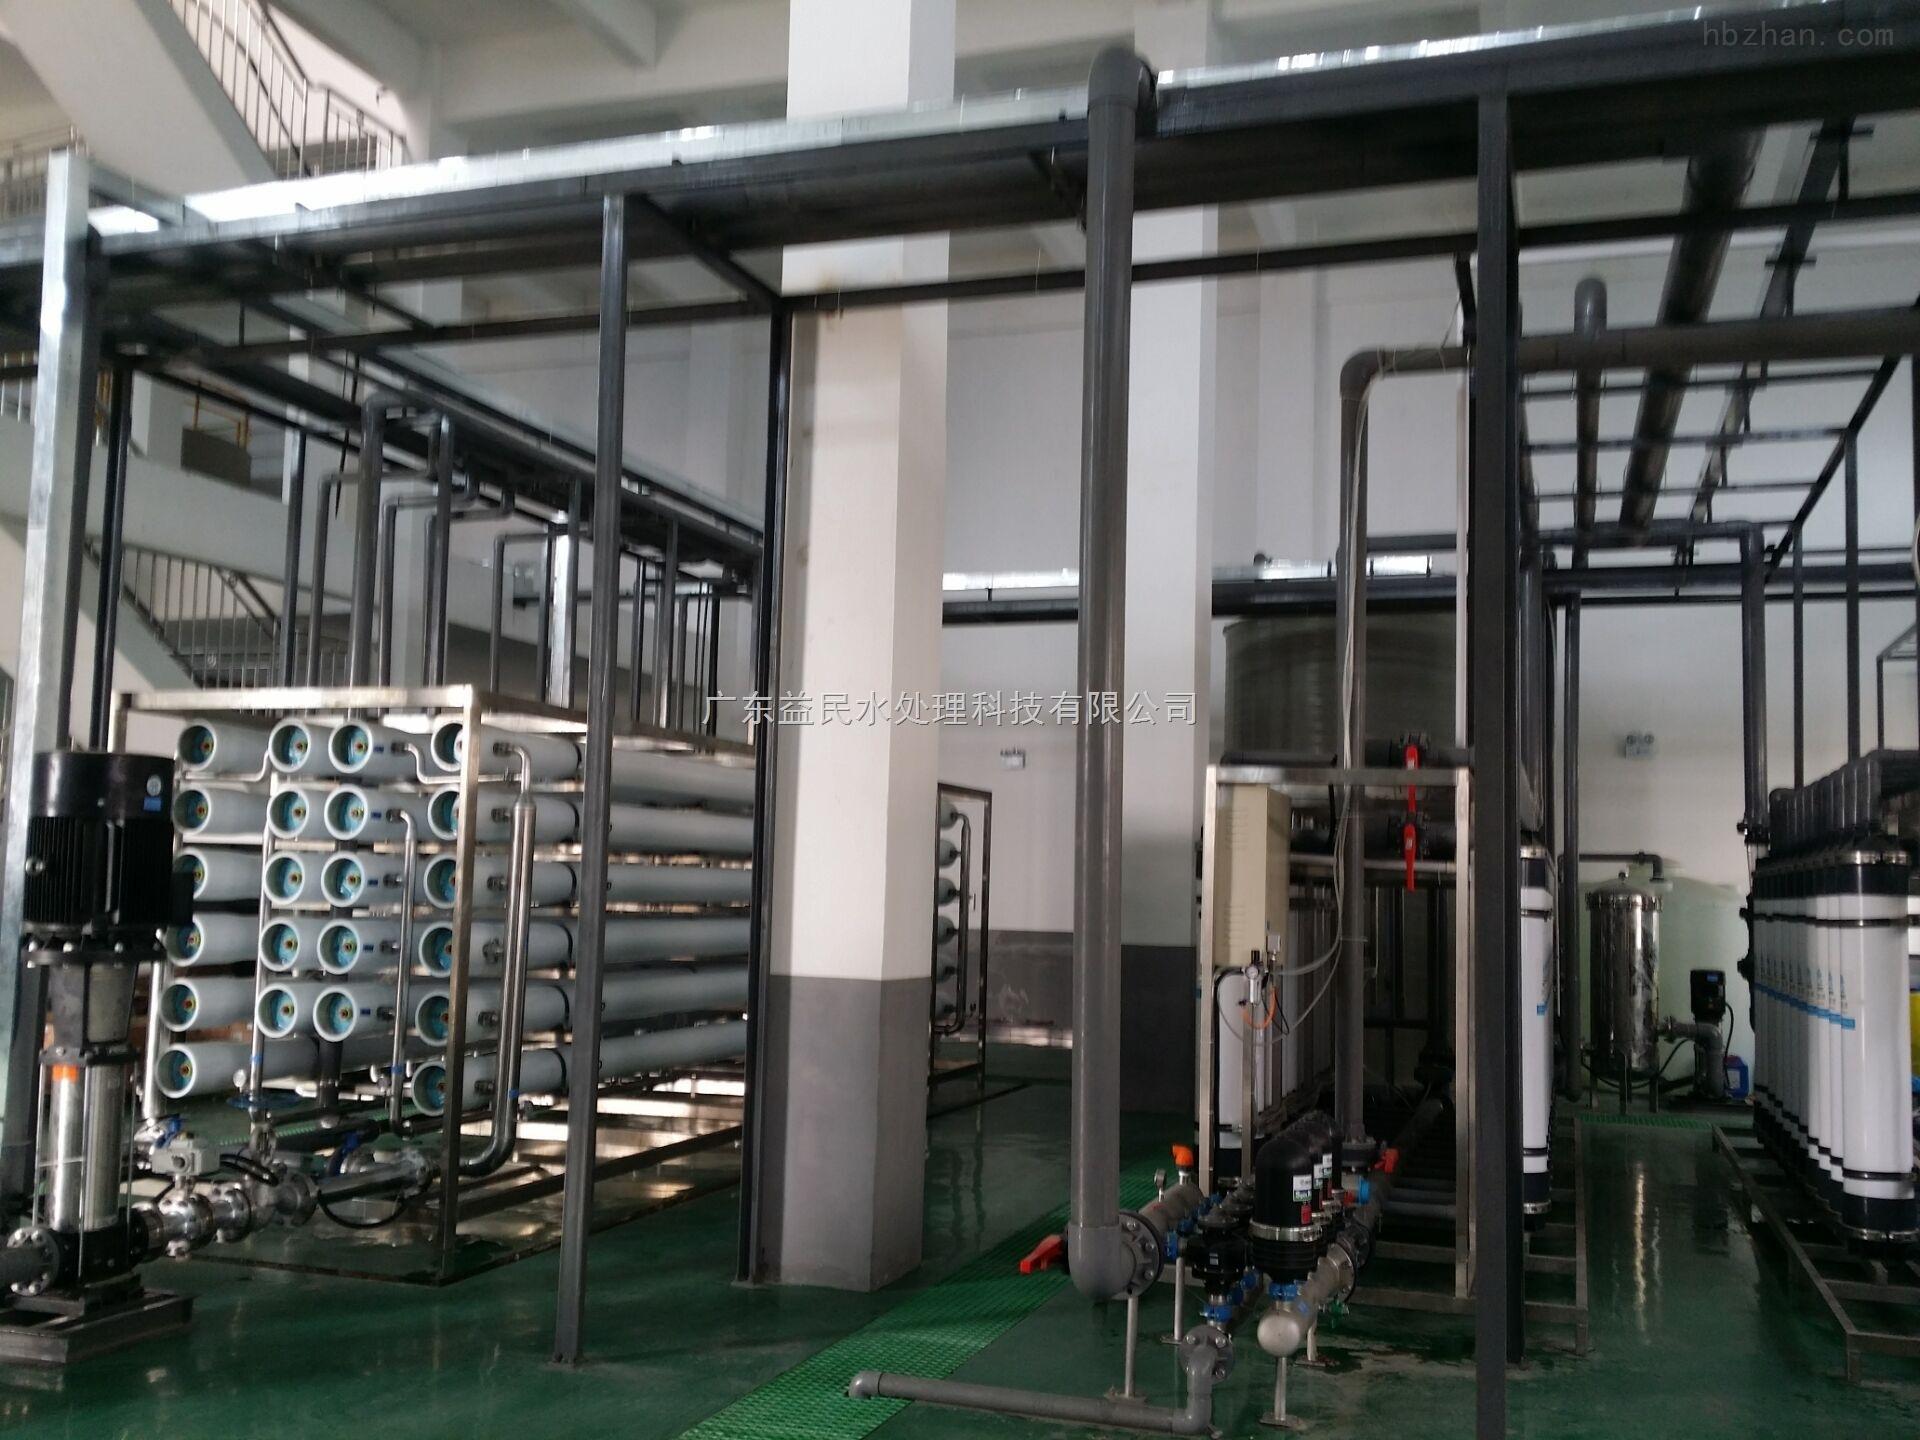 热力发电厂水汽循环高压锅炉给水系统